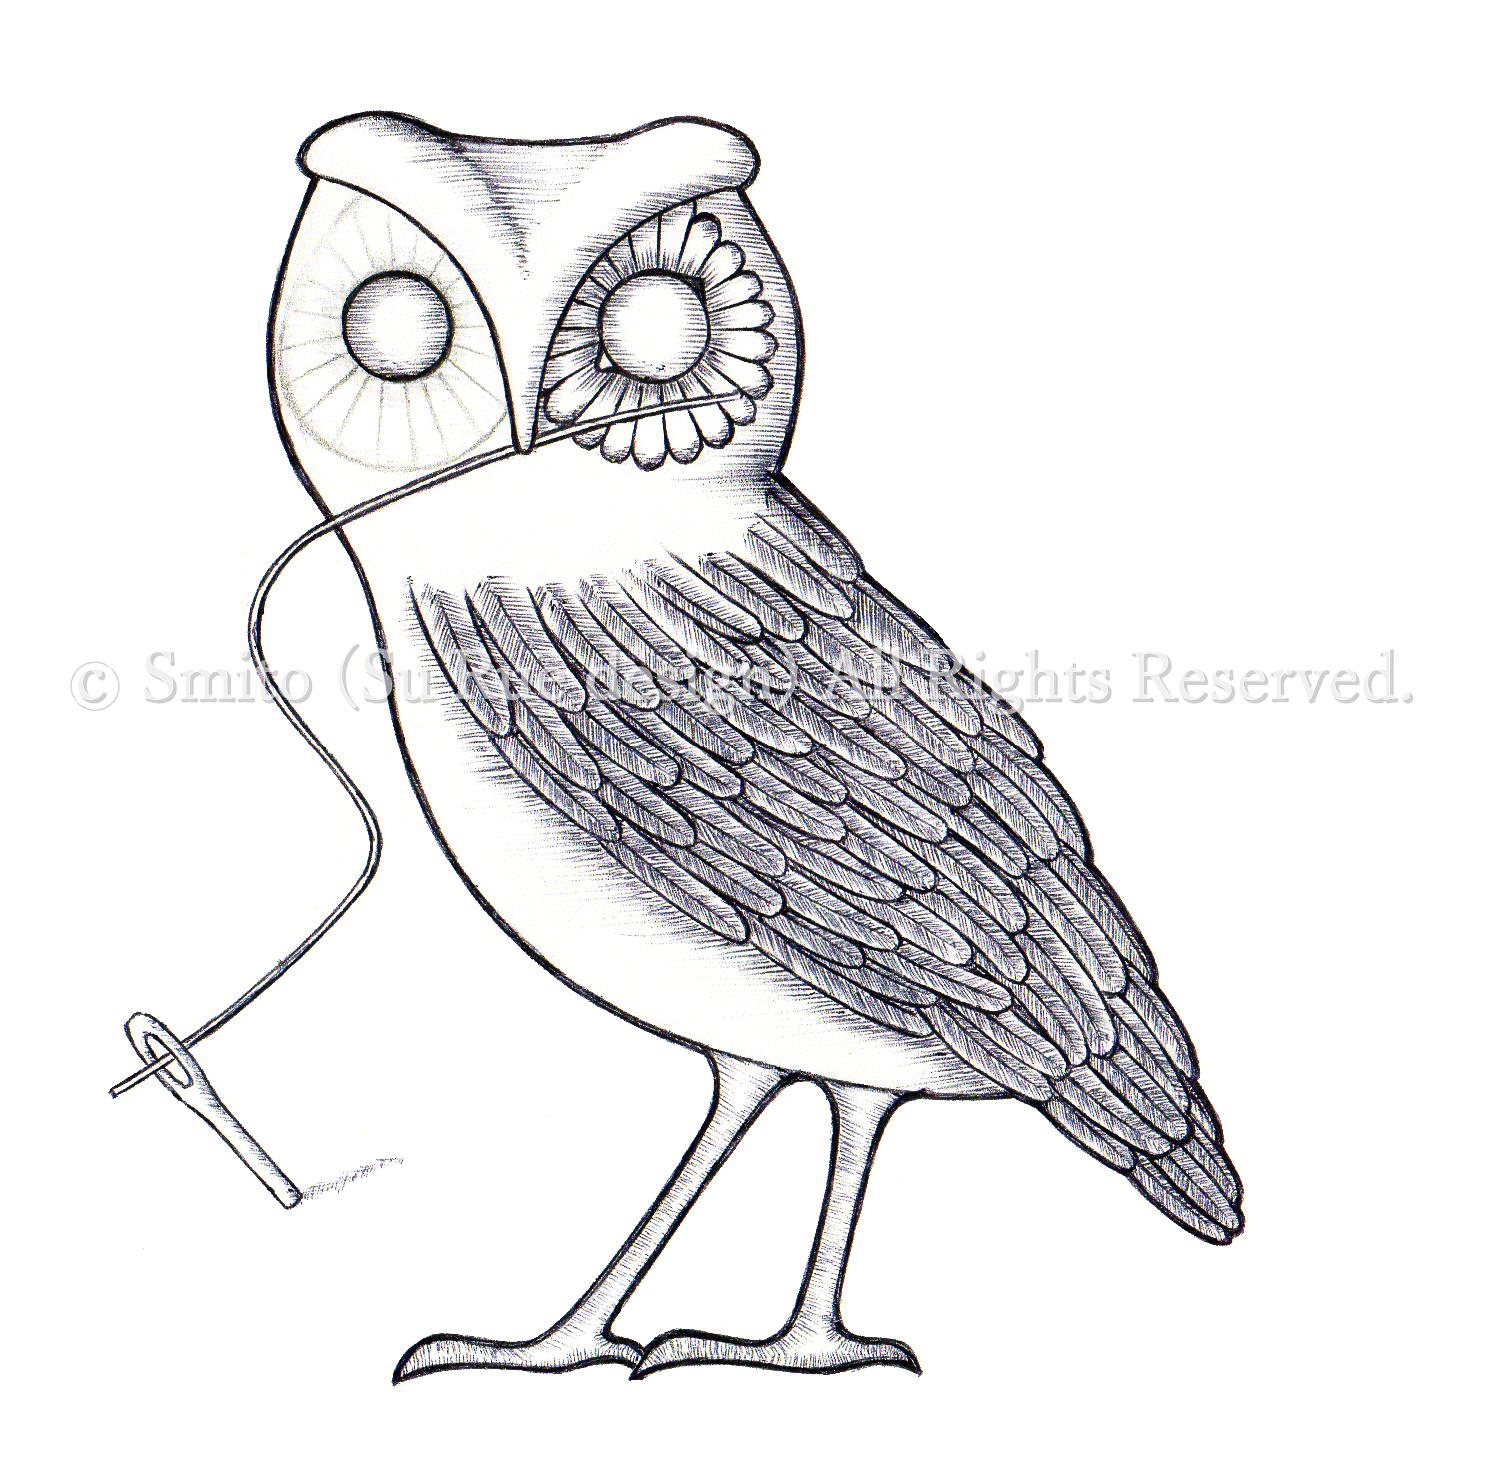 フクロウ (Owl)